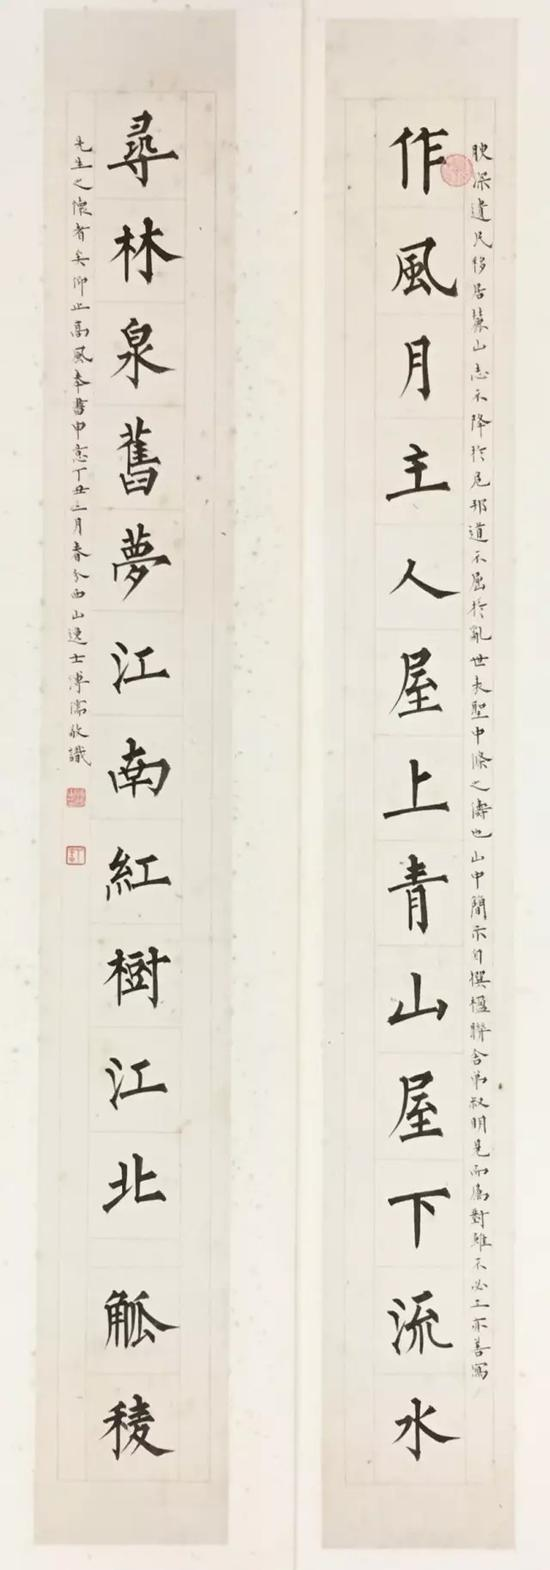 溥儒 《楷书十三言联》    纸本镜心 尺寸:83×10.5cm×2